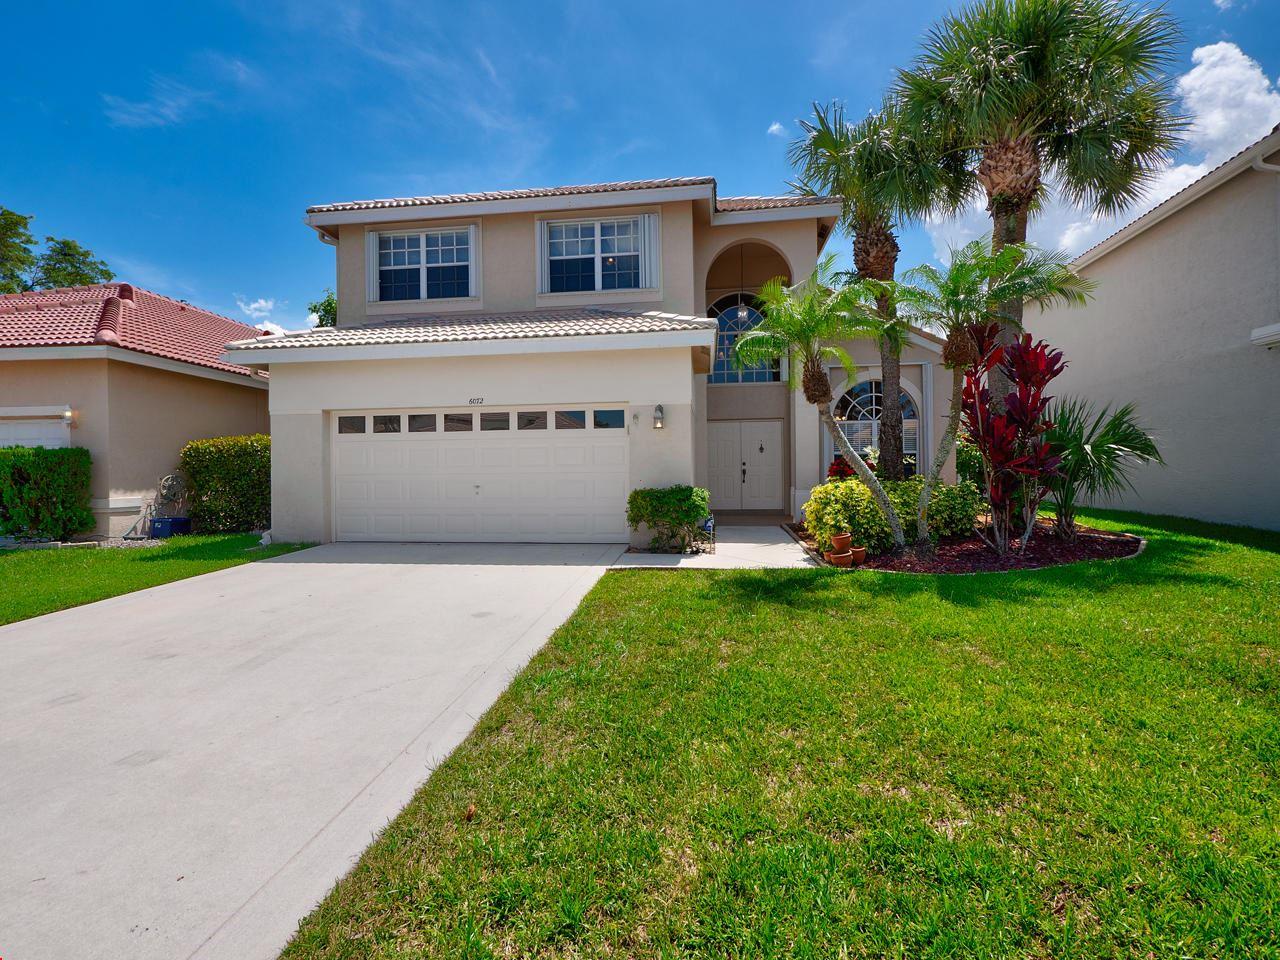 6072 Newport Village Way, Lake Worth, FL 33463 - #: RX-10633839